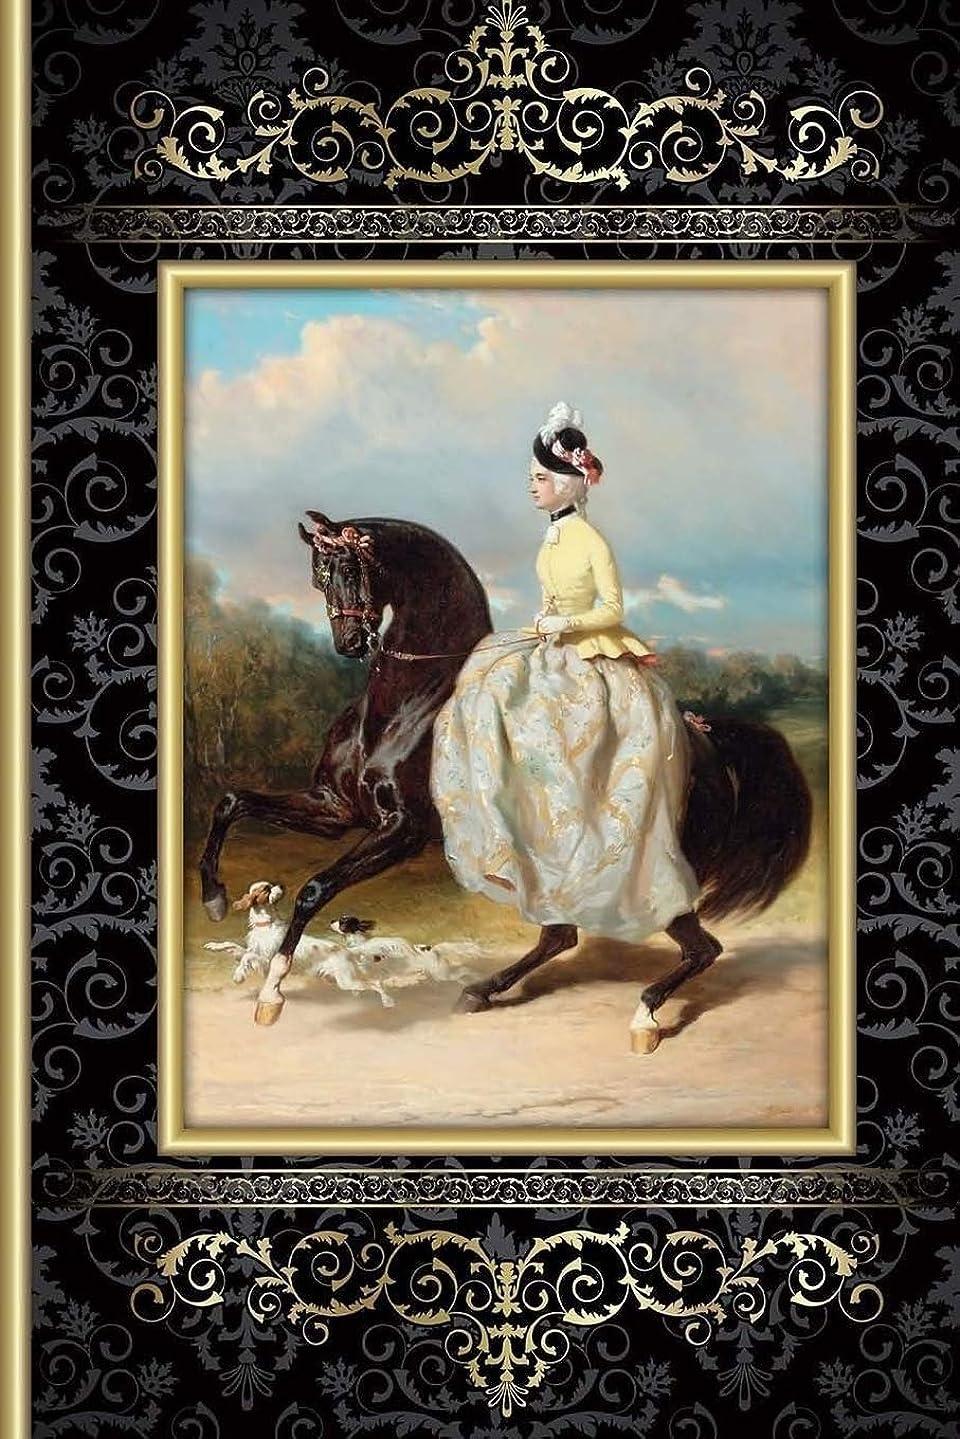 荒らす情熱的モディッシュHorse Journal: (Horse Journal) (Victorian Woman On Horse) (Journal To Write In) Lined Journal, 150 Pages, 6x9 Inches, Matte Finish